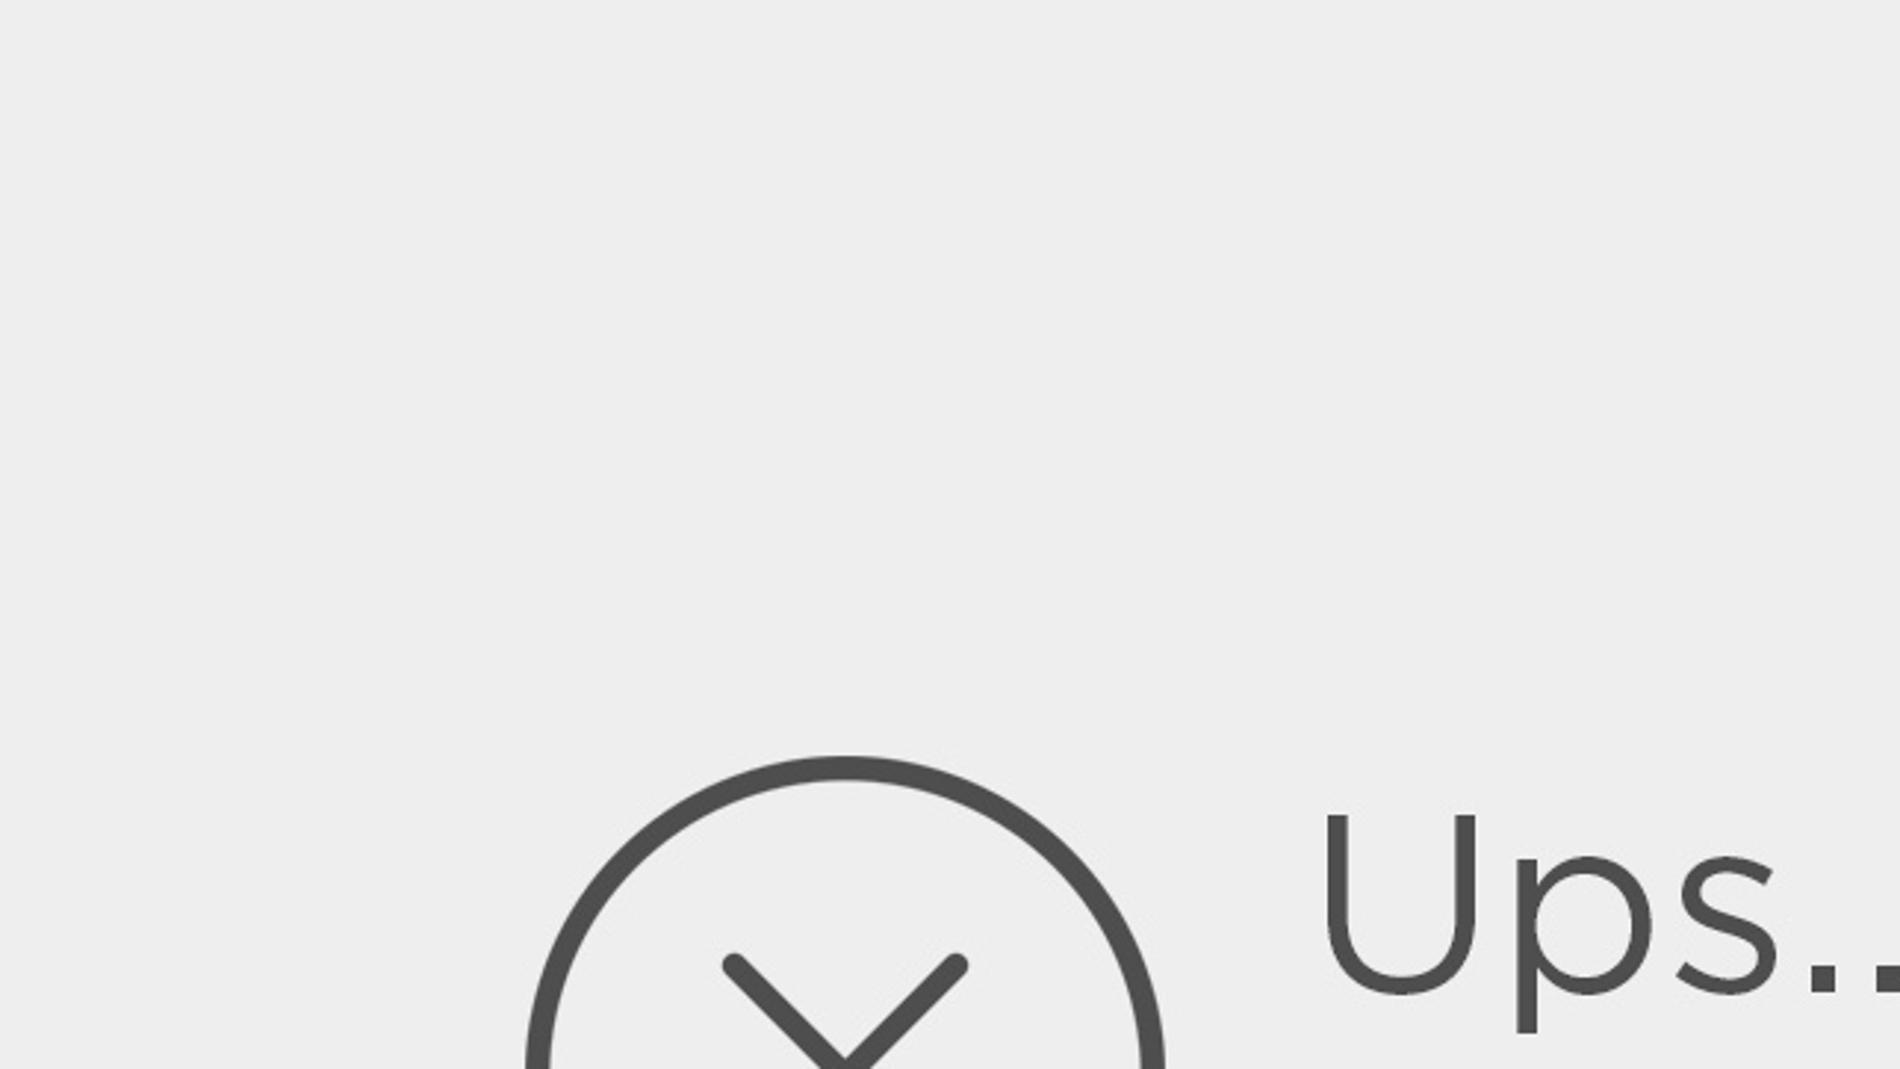 El actor confesó estar aterrorizado por los miles de fans